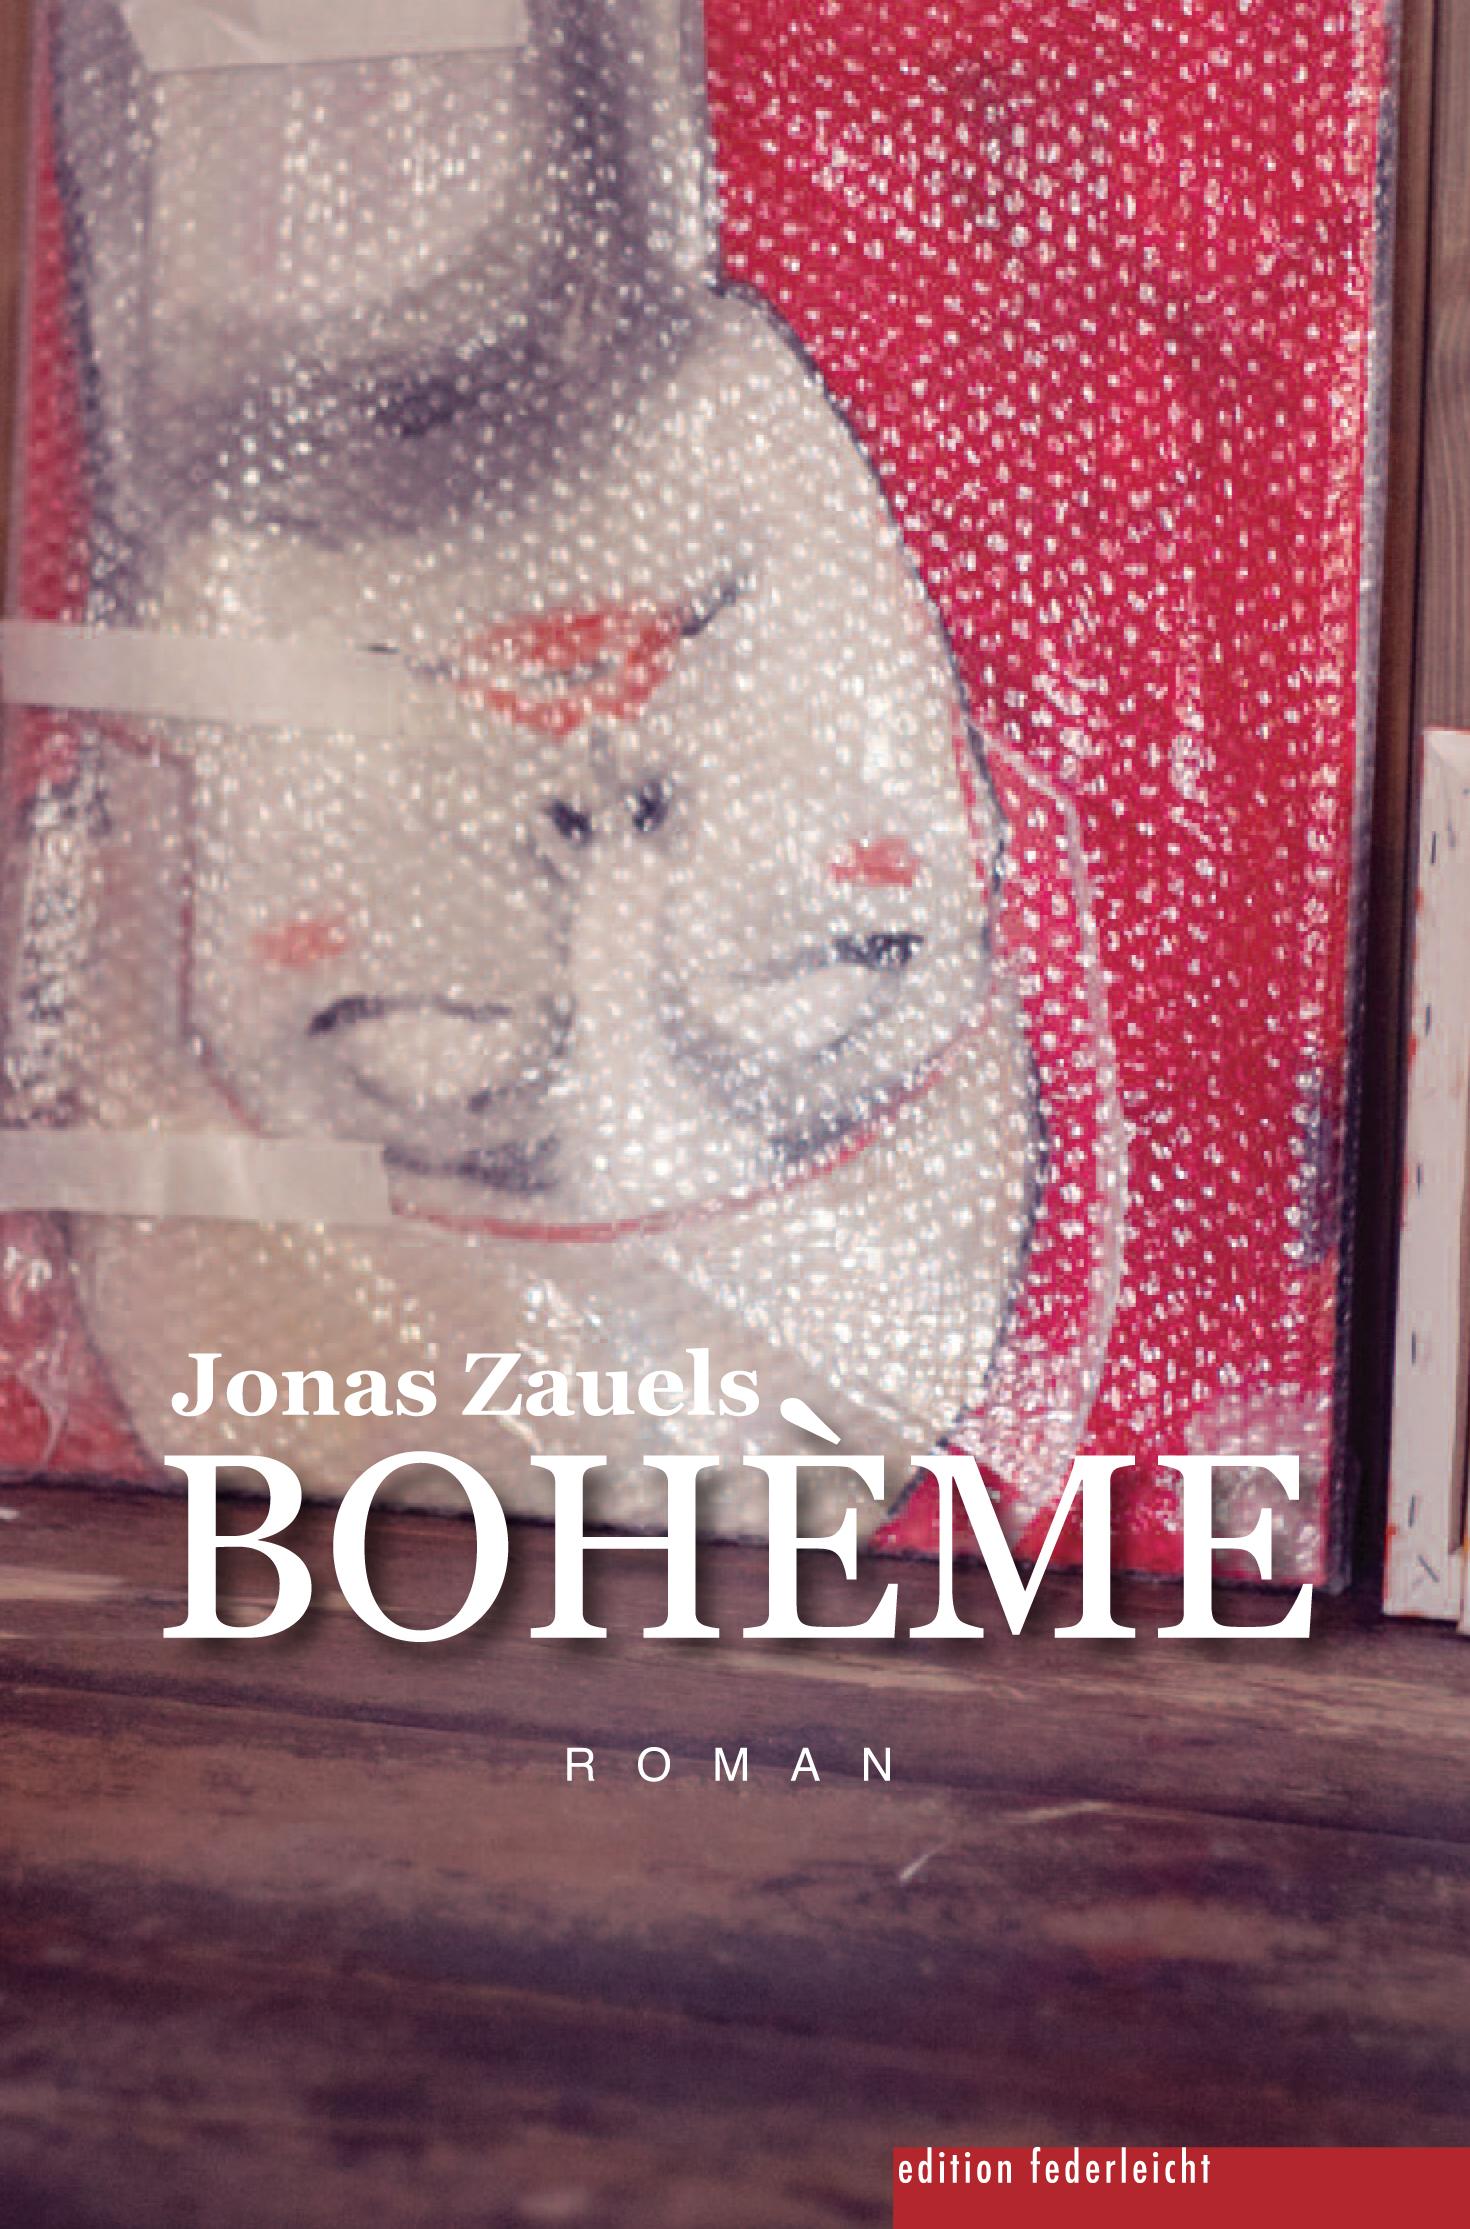 Jonas Zauels liest aus seinem Roman BOHÈME